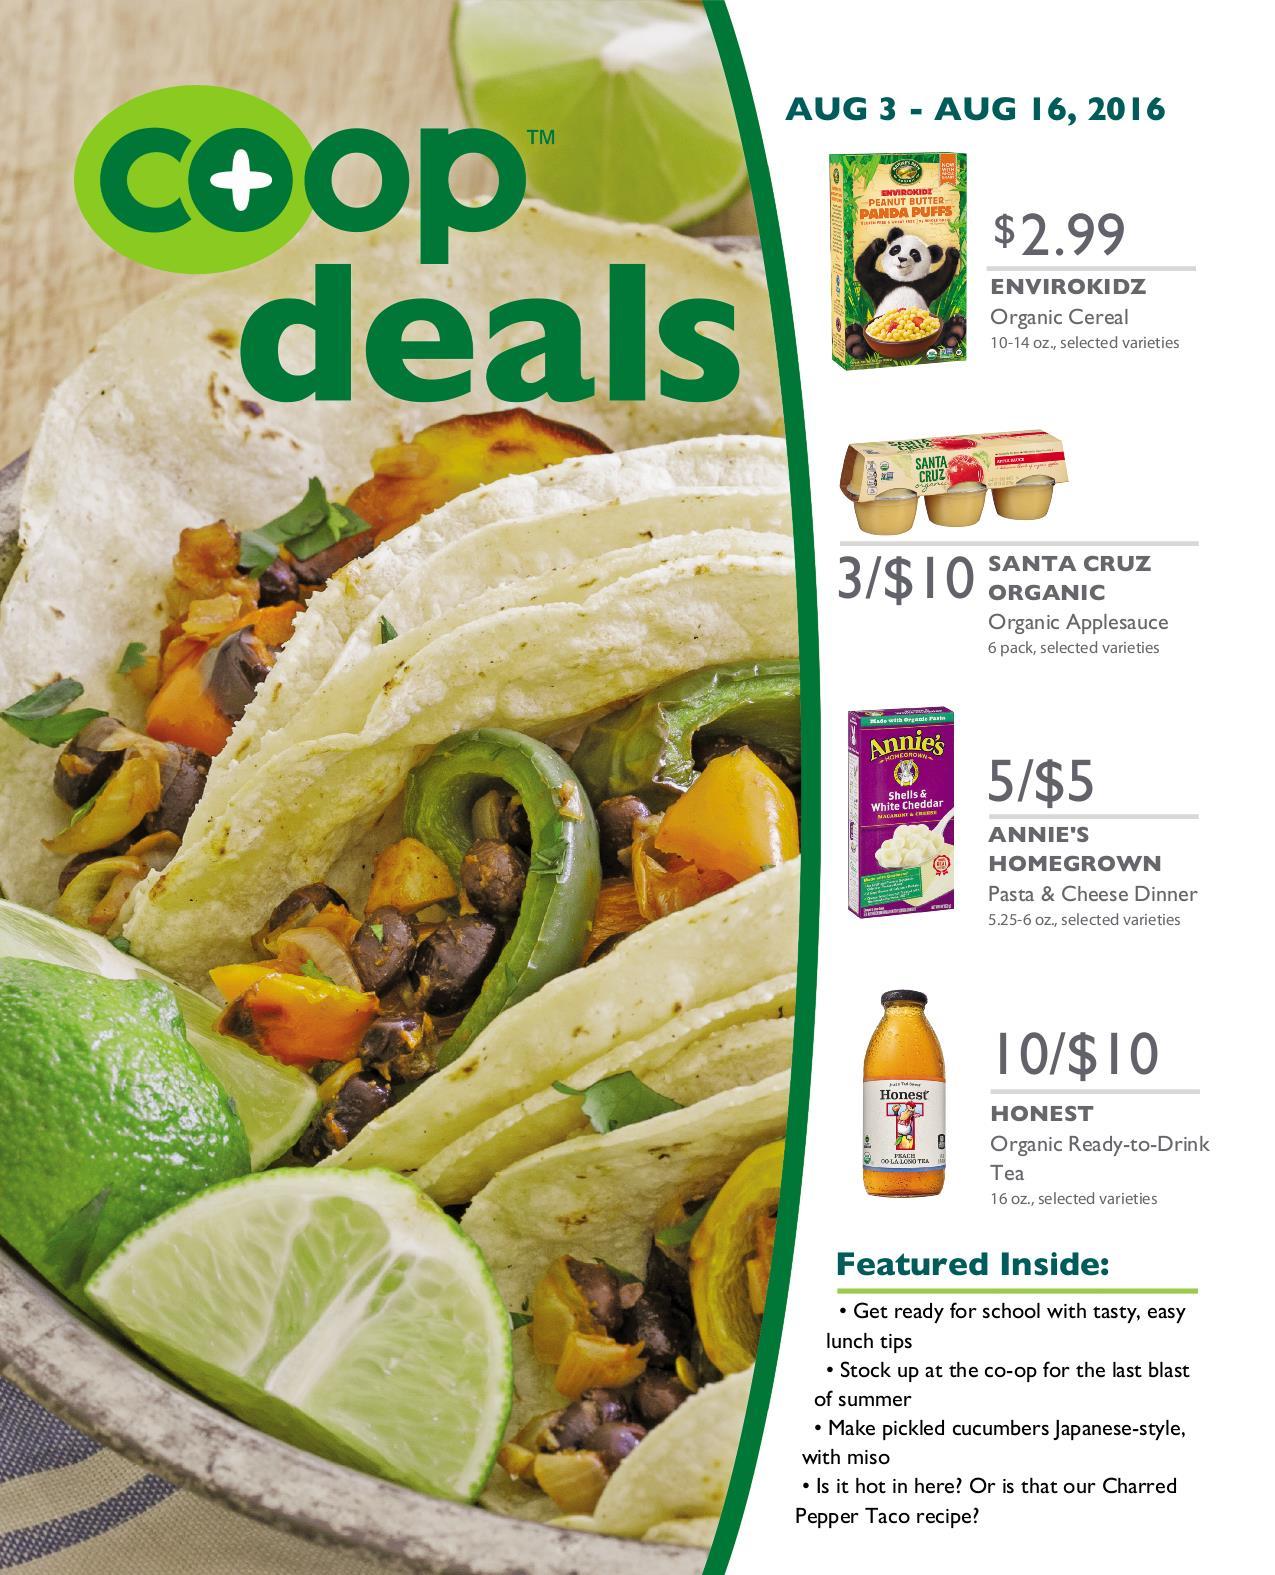 Co+op Deals August 2016 - Flyer A